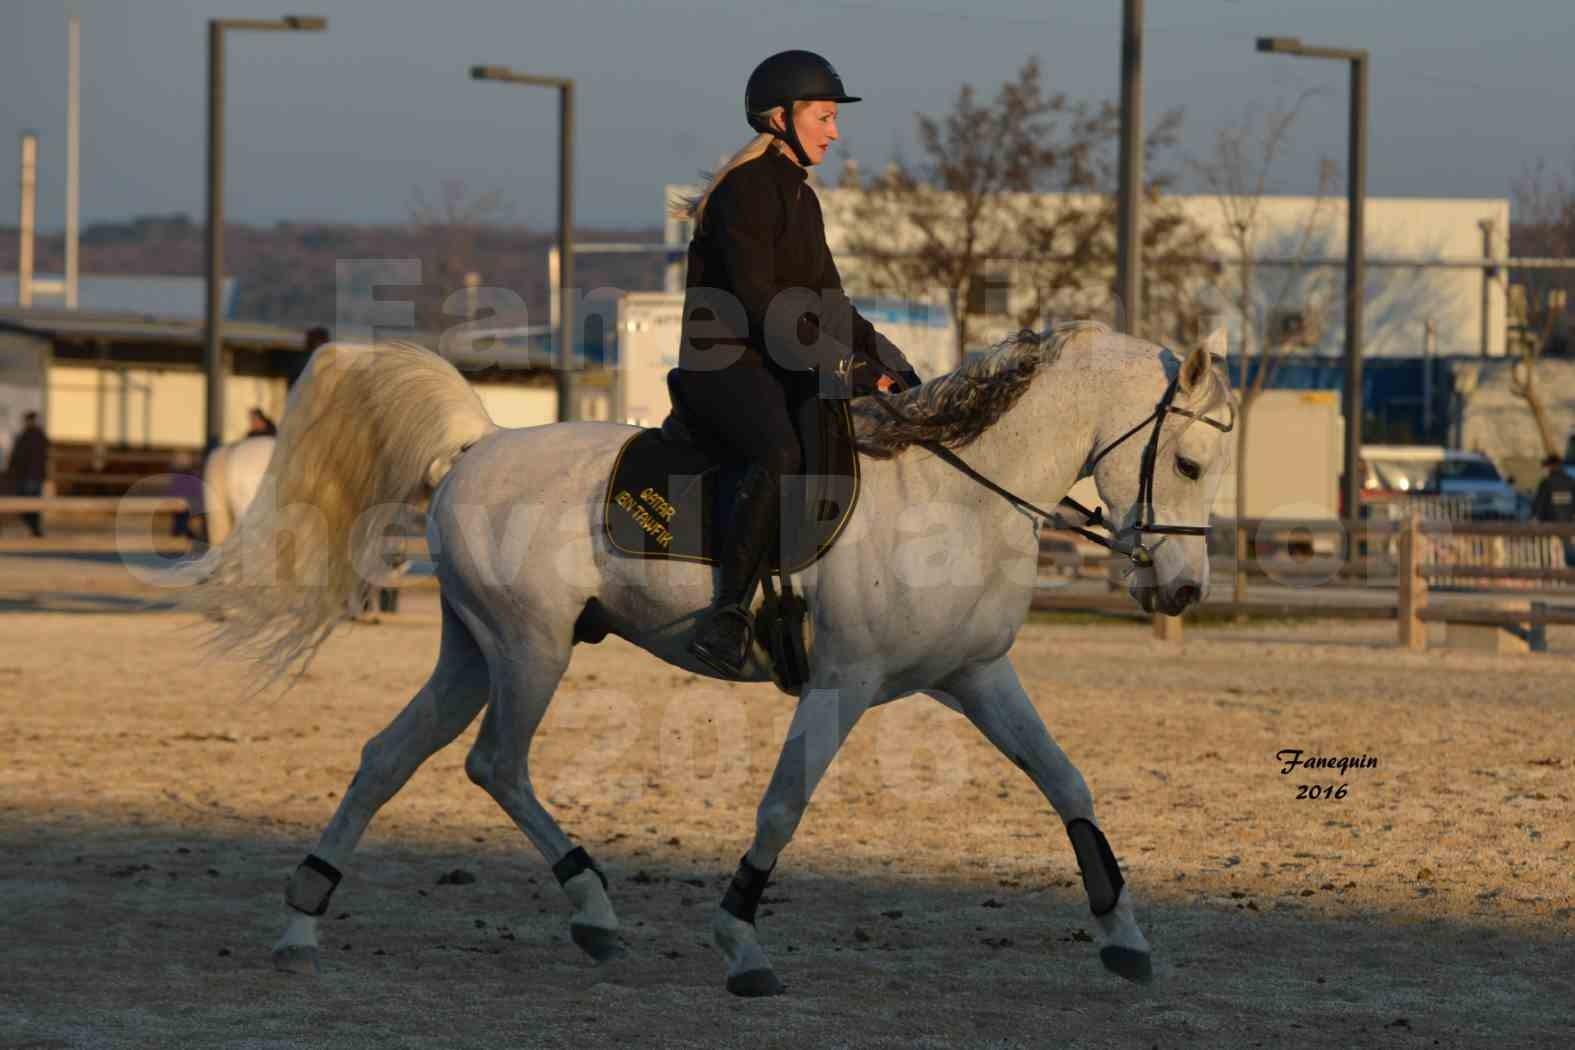 Cheval Passion 2016 - Présentation extérieure de chevaux Arabes montés - 23